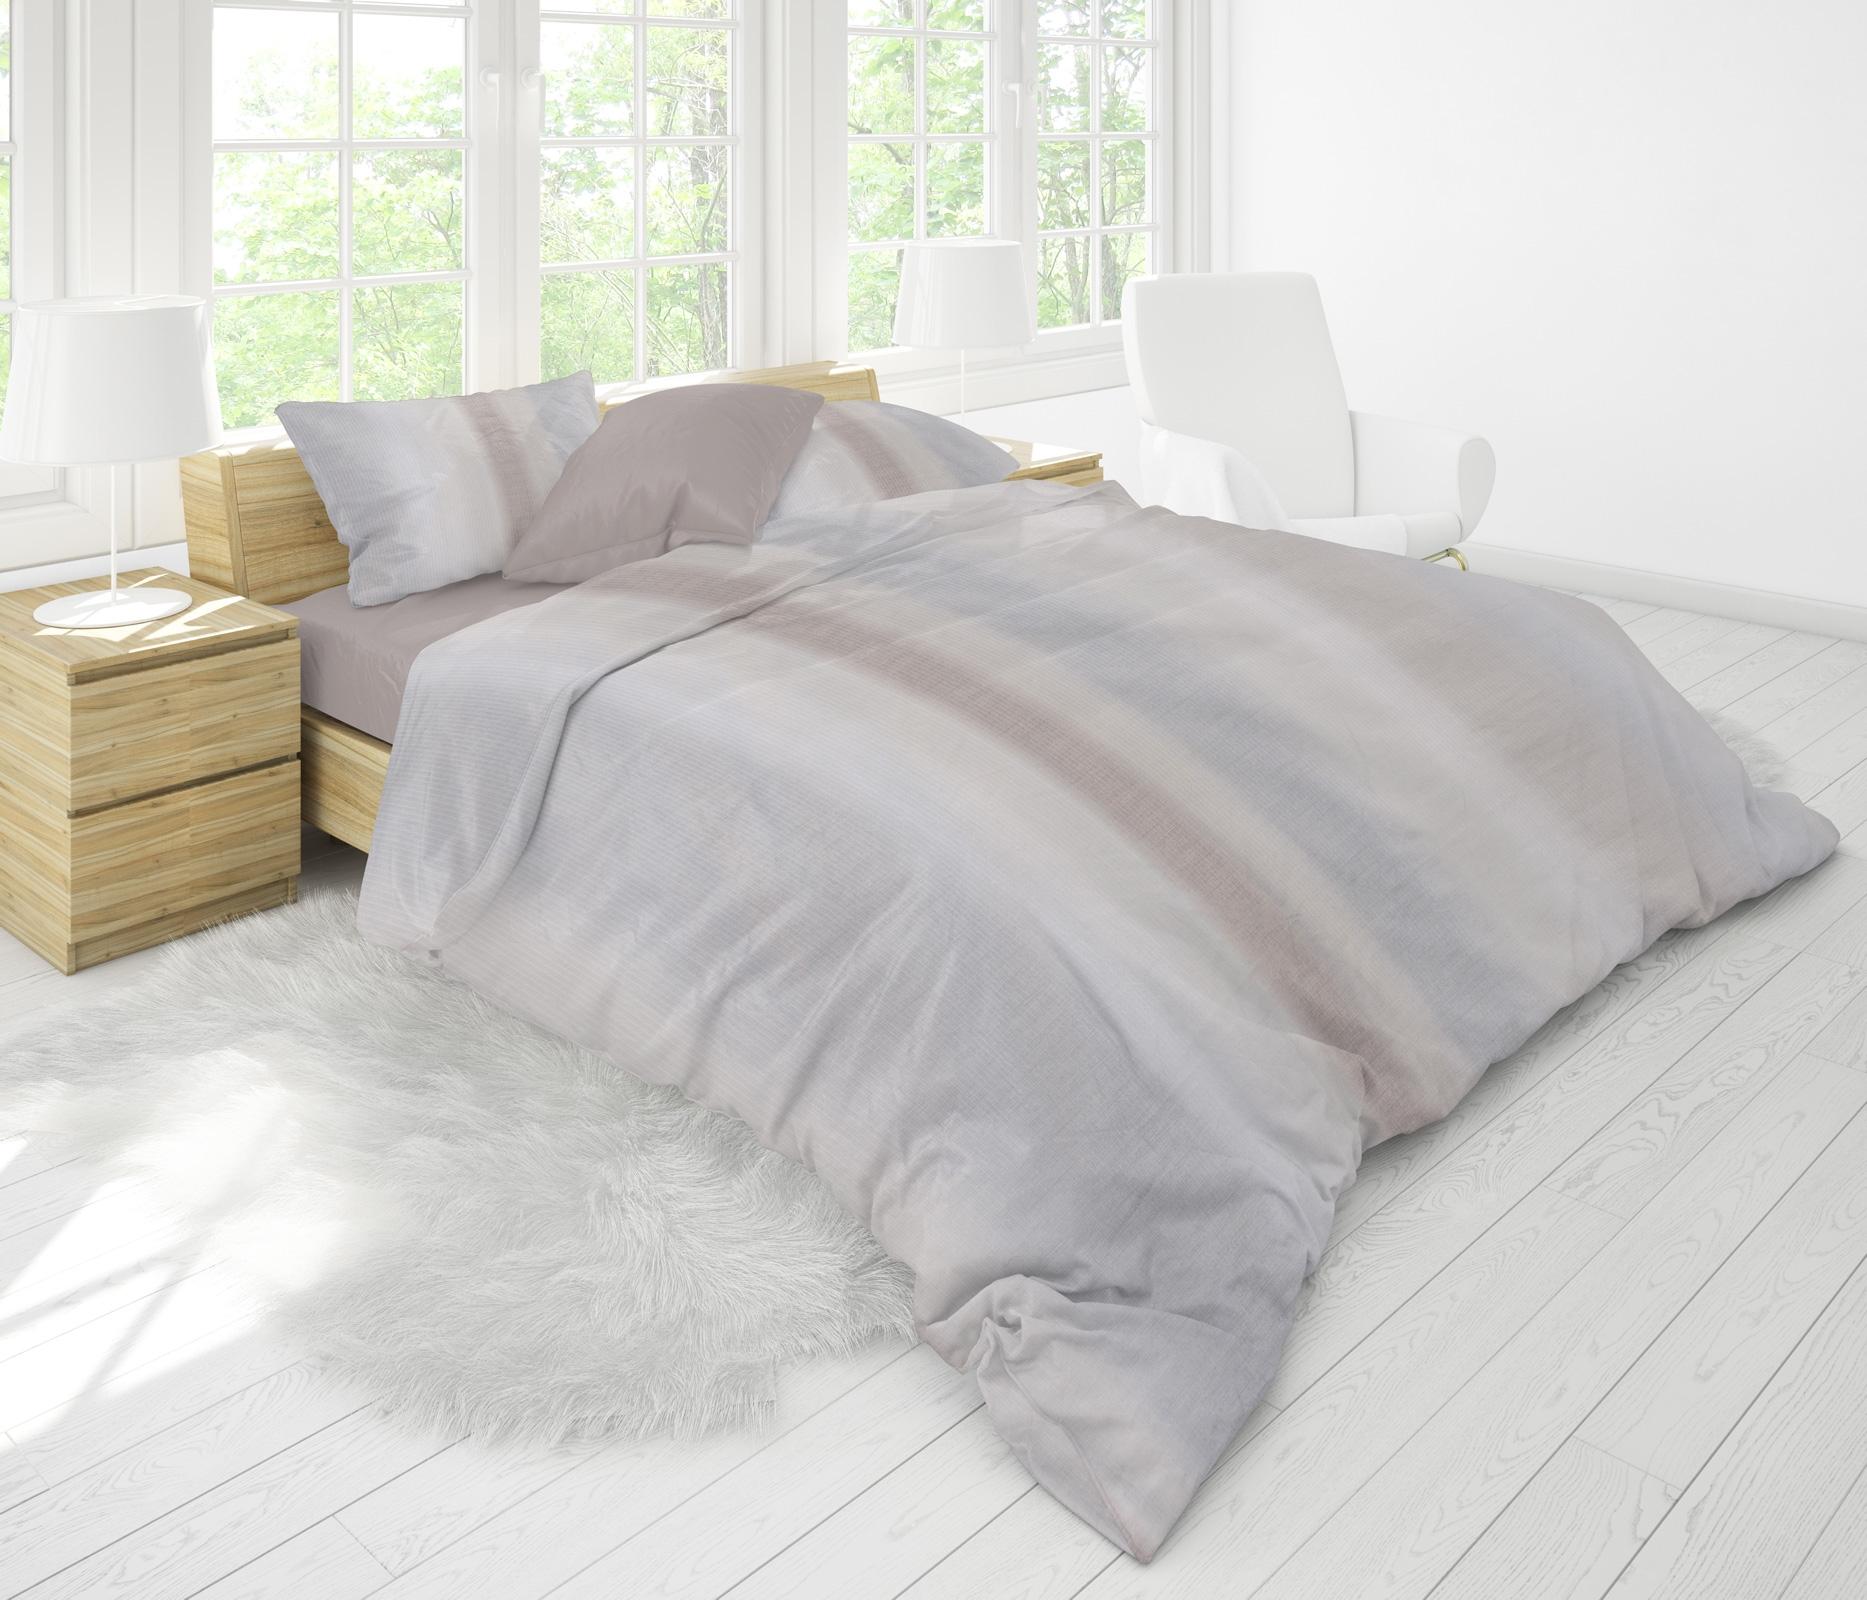 Bettwäsche - MOON Luxury Damast Bettwäsche Rainbow Streifen beige 135x200 80x80 100 Baumwolle YKK Reißverschluss  - Onlineshop PremiumShop321